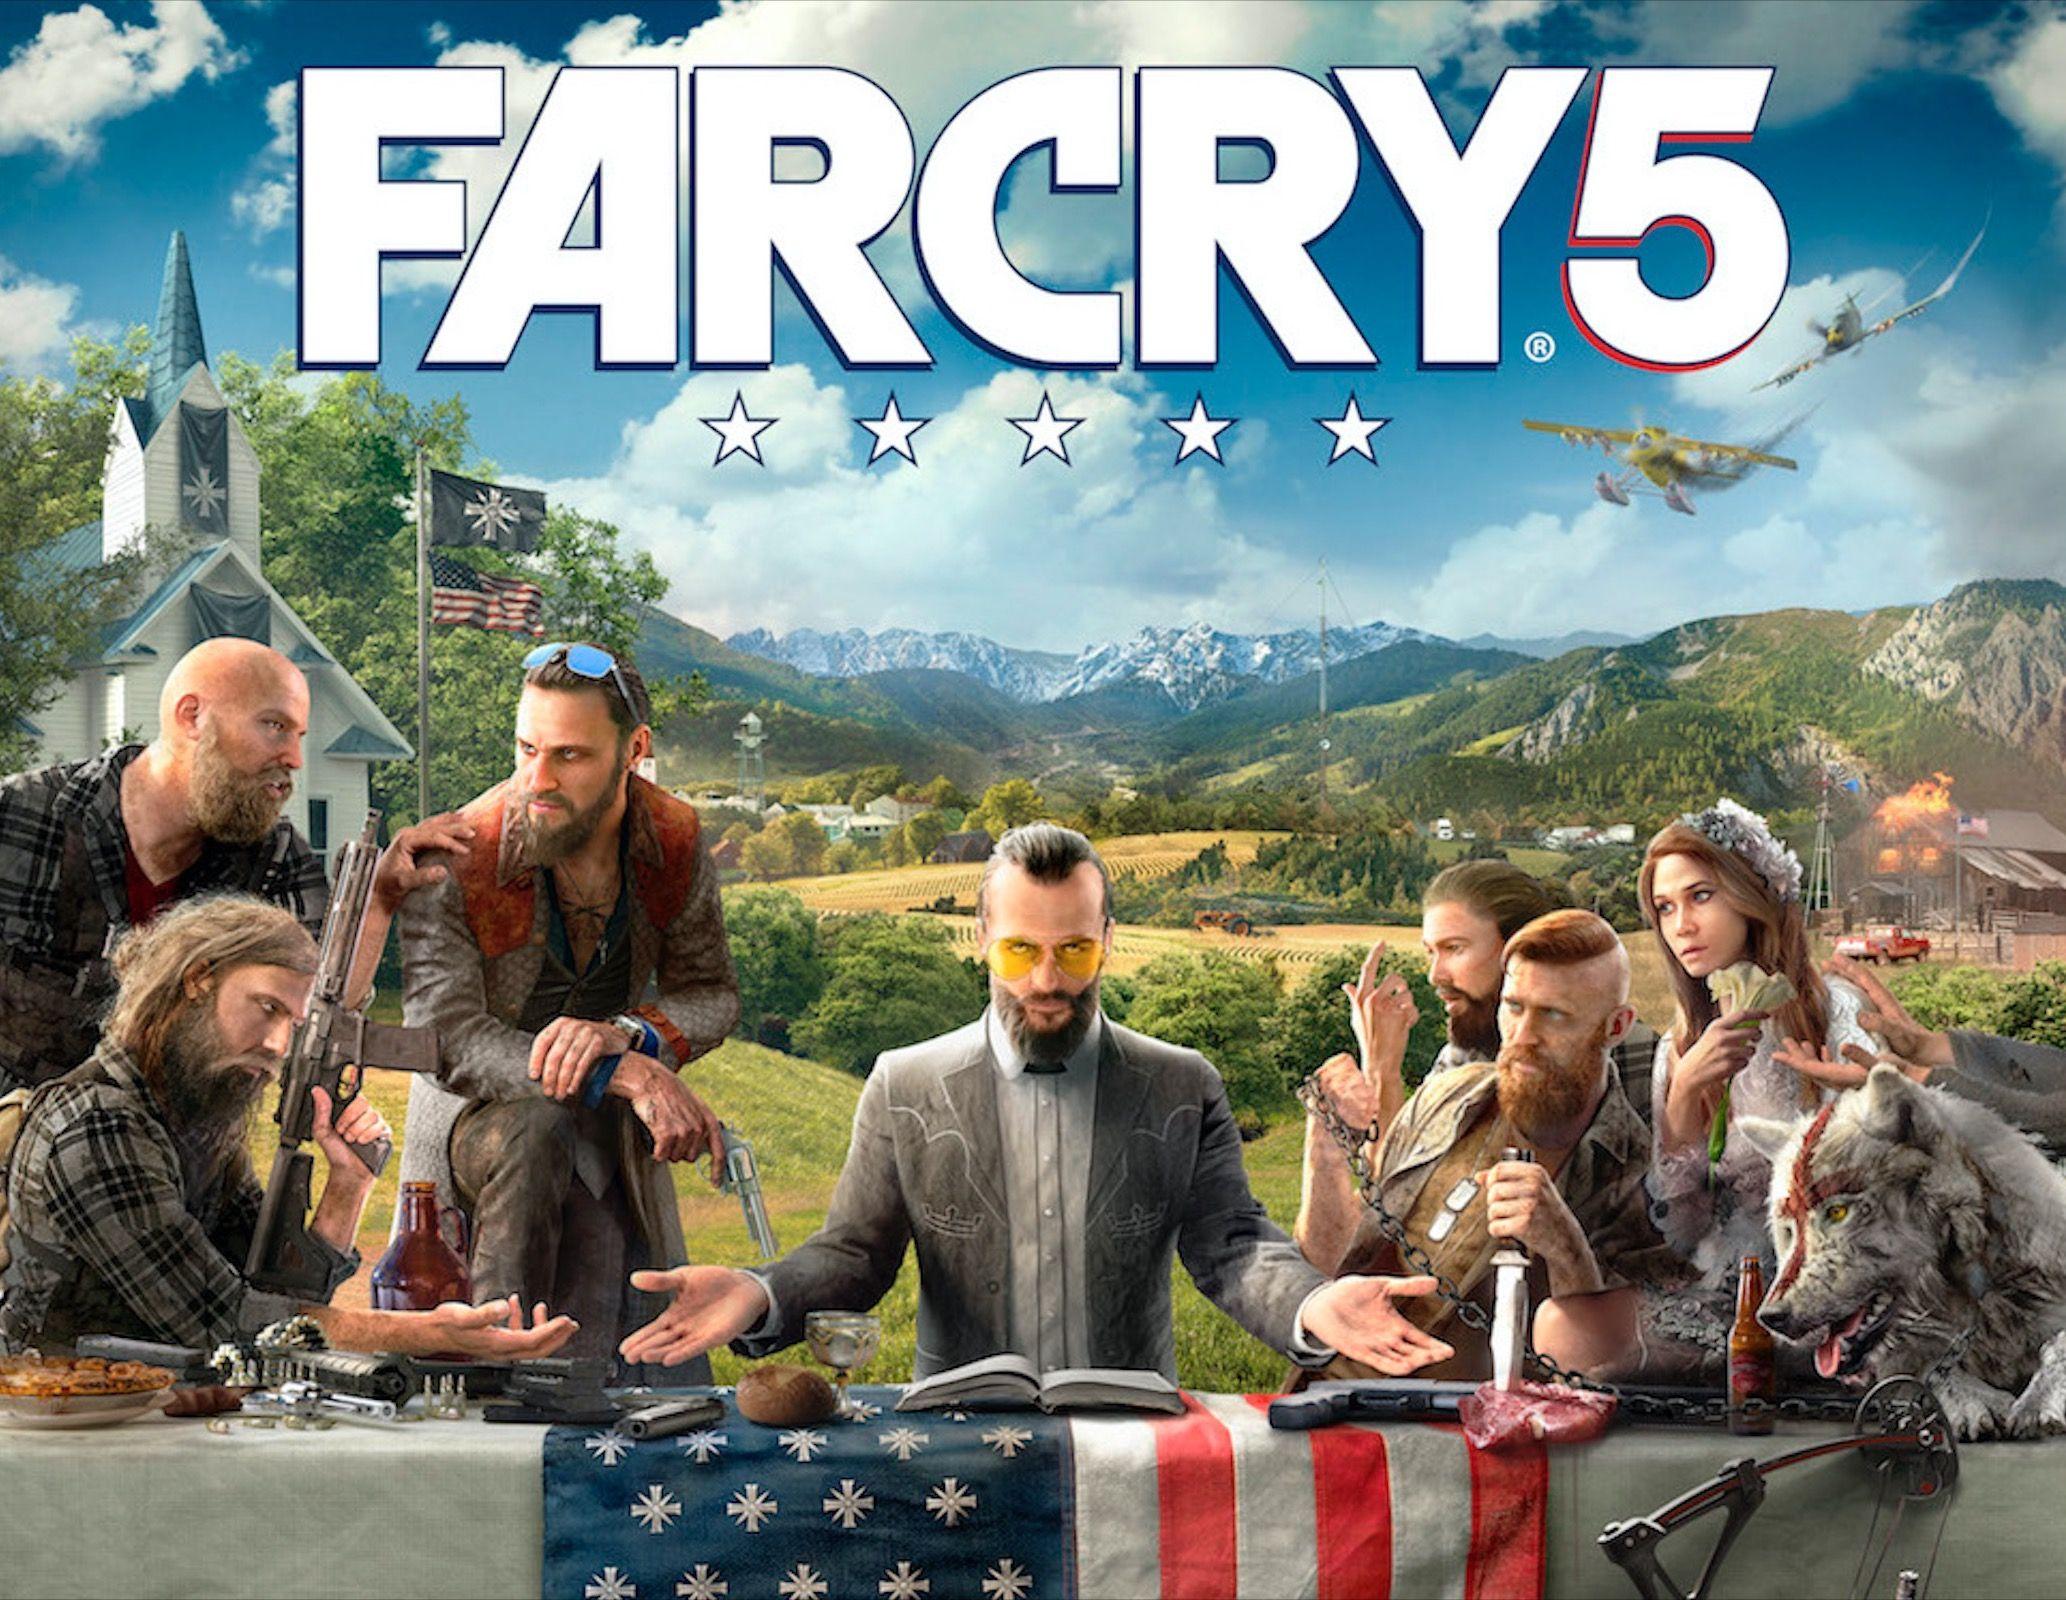 Far Cry 5 Svelata La Prima Immagine Ufficiale Gamesblog It Far Cry 5 Far Cry 5 Ps4 Far Cry 5 Game